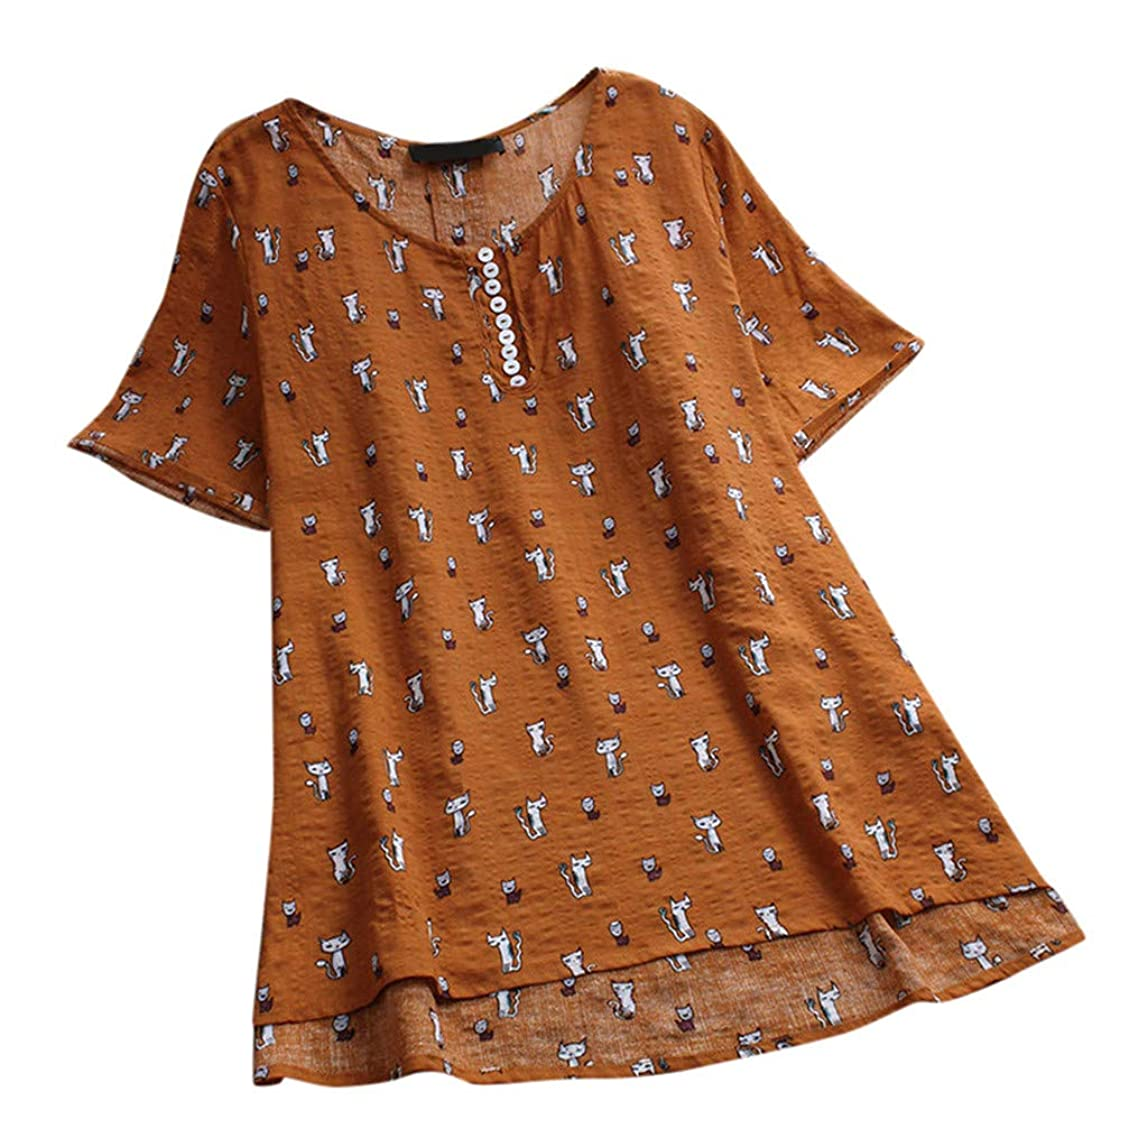 理解するおいしい良心的レディース tシャツ プラスサイズ 半袖 丸首 猫プリント ボタン ビンテージ チュニック トップス 短いドレス ブラウス 人気 夏服 快適な 軽い 柔らかい かっこいい ワイシャツ カジュアル シンプル オシャレ 春夏秋 対応